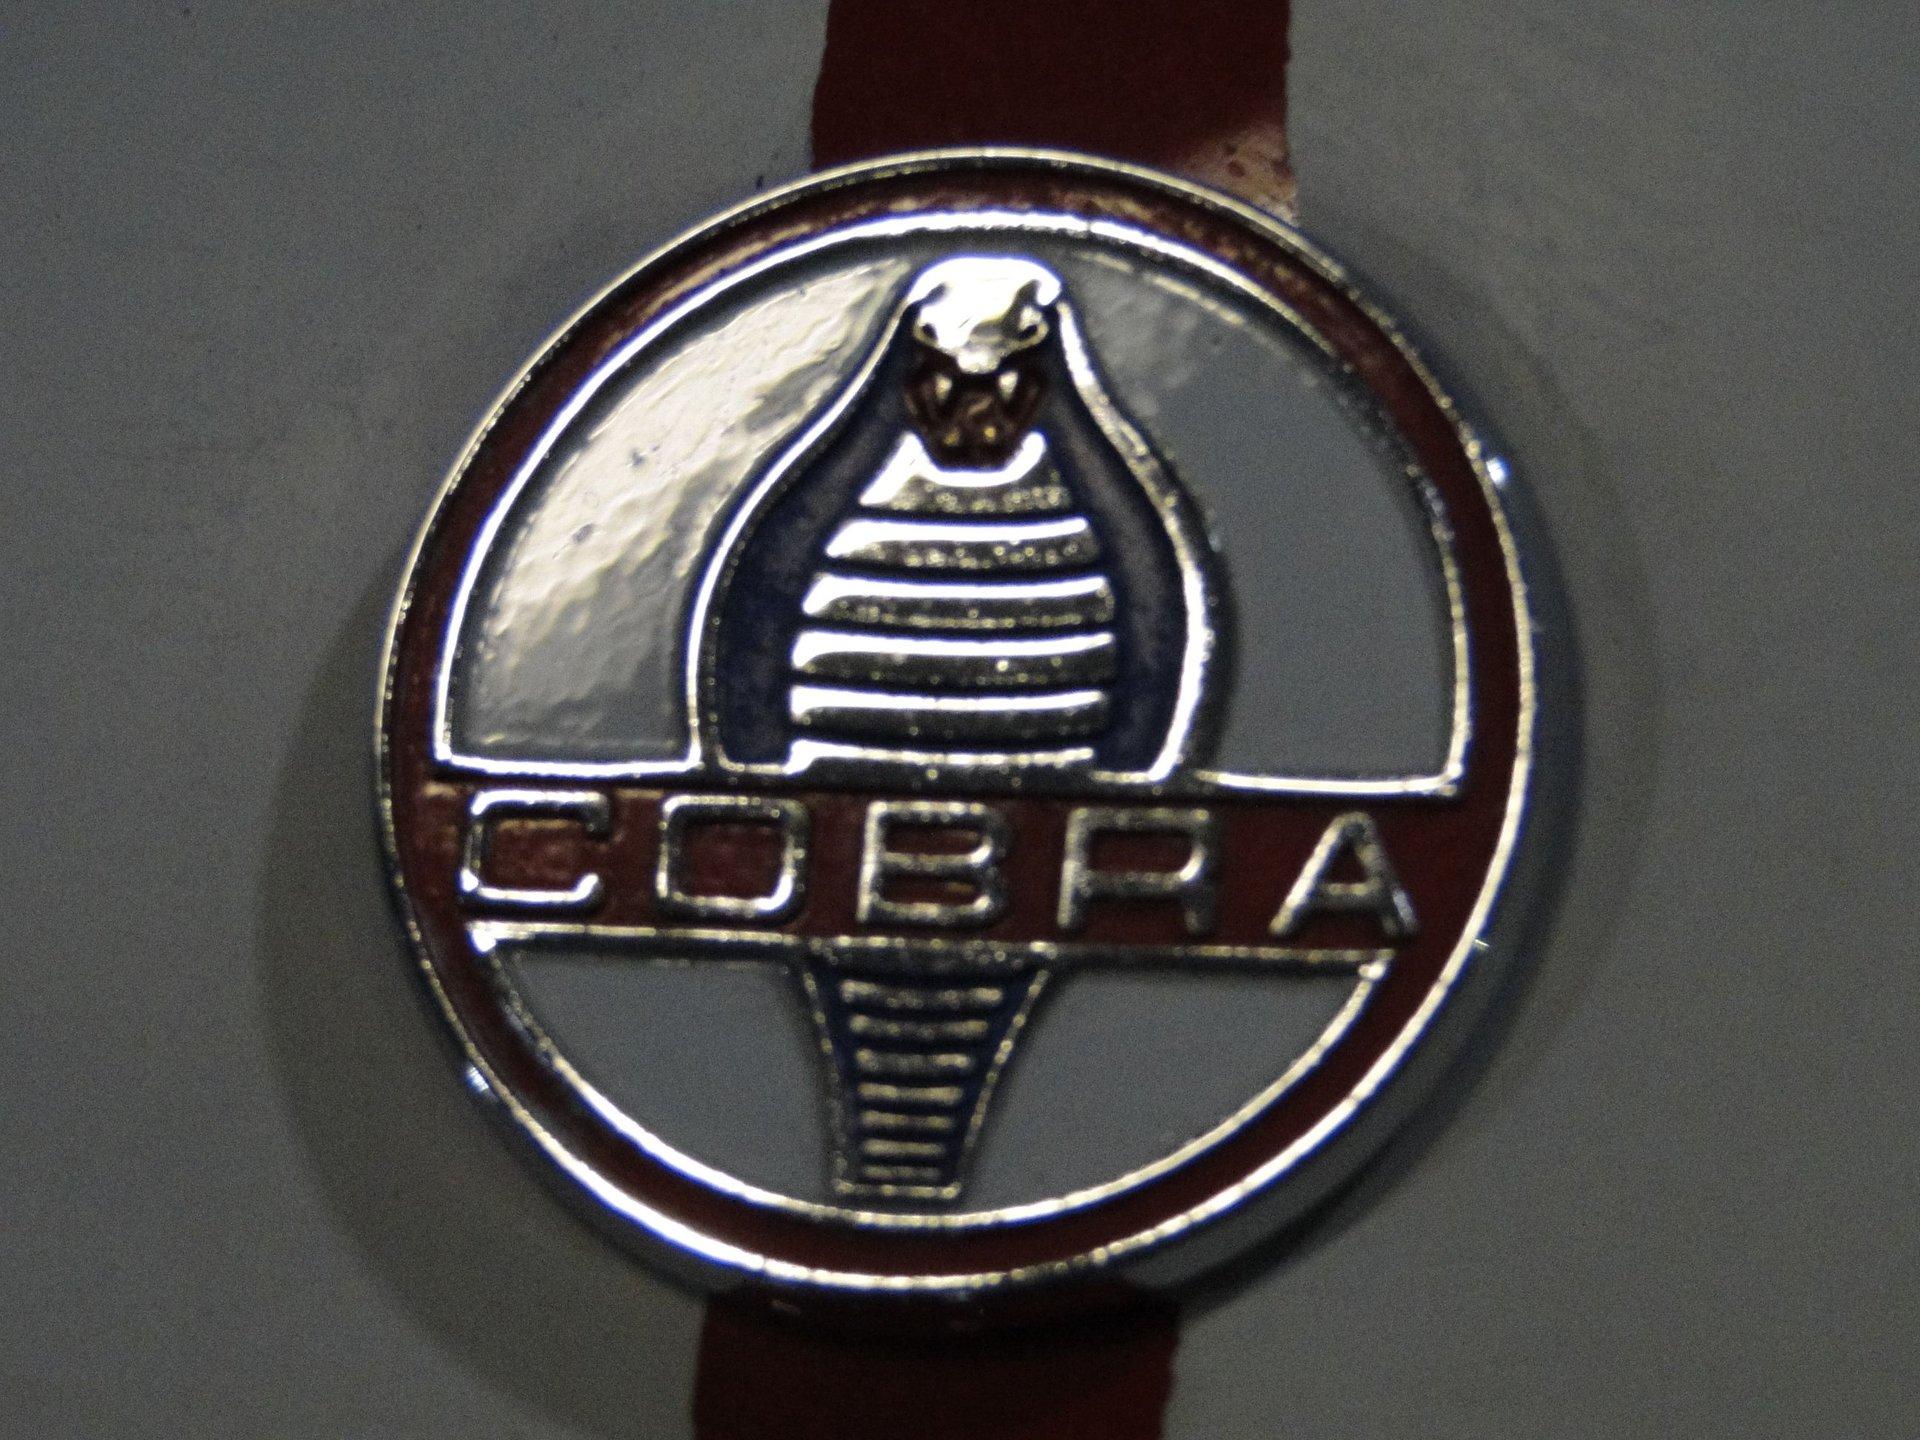 2003 ASPT CV